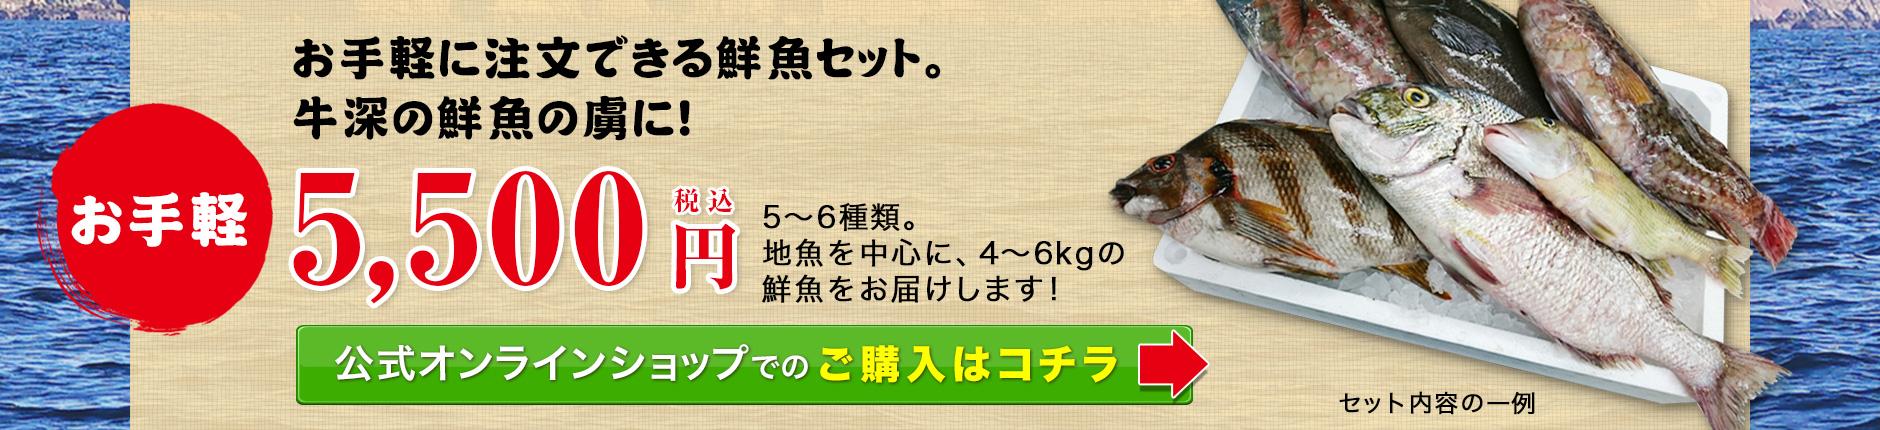 お手軽5500円。充実した鮮魚セット!新鮮なお魚を自慢の目利きでチョイスします!